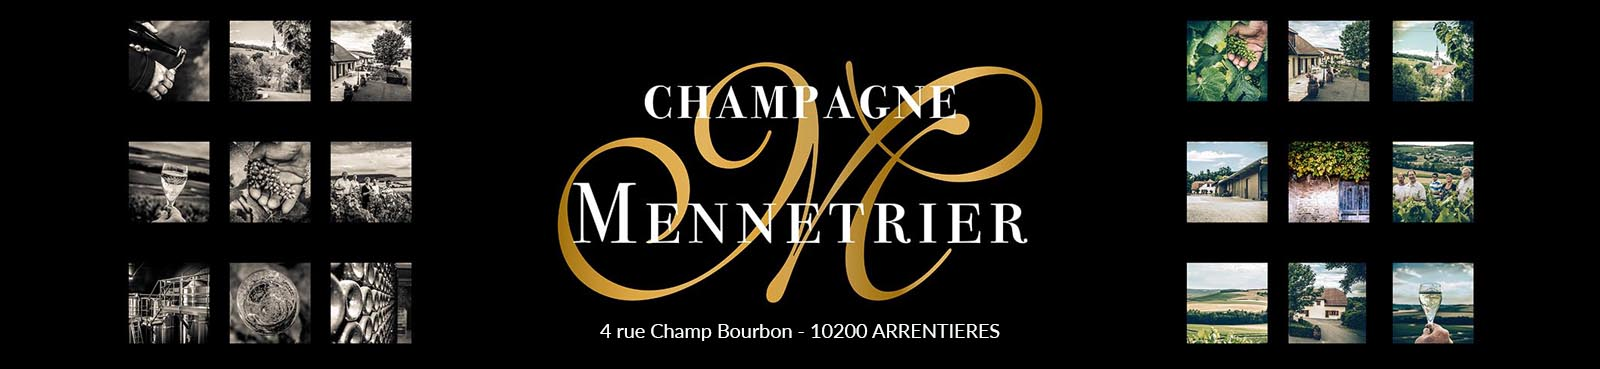 site web champagne mennetrier